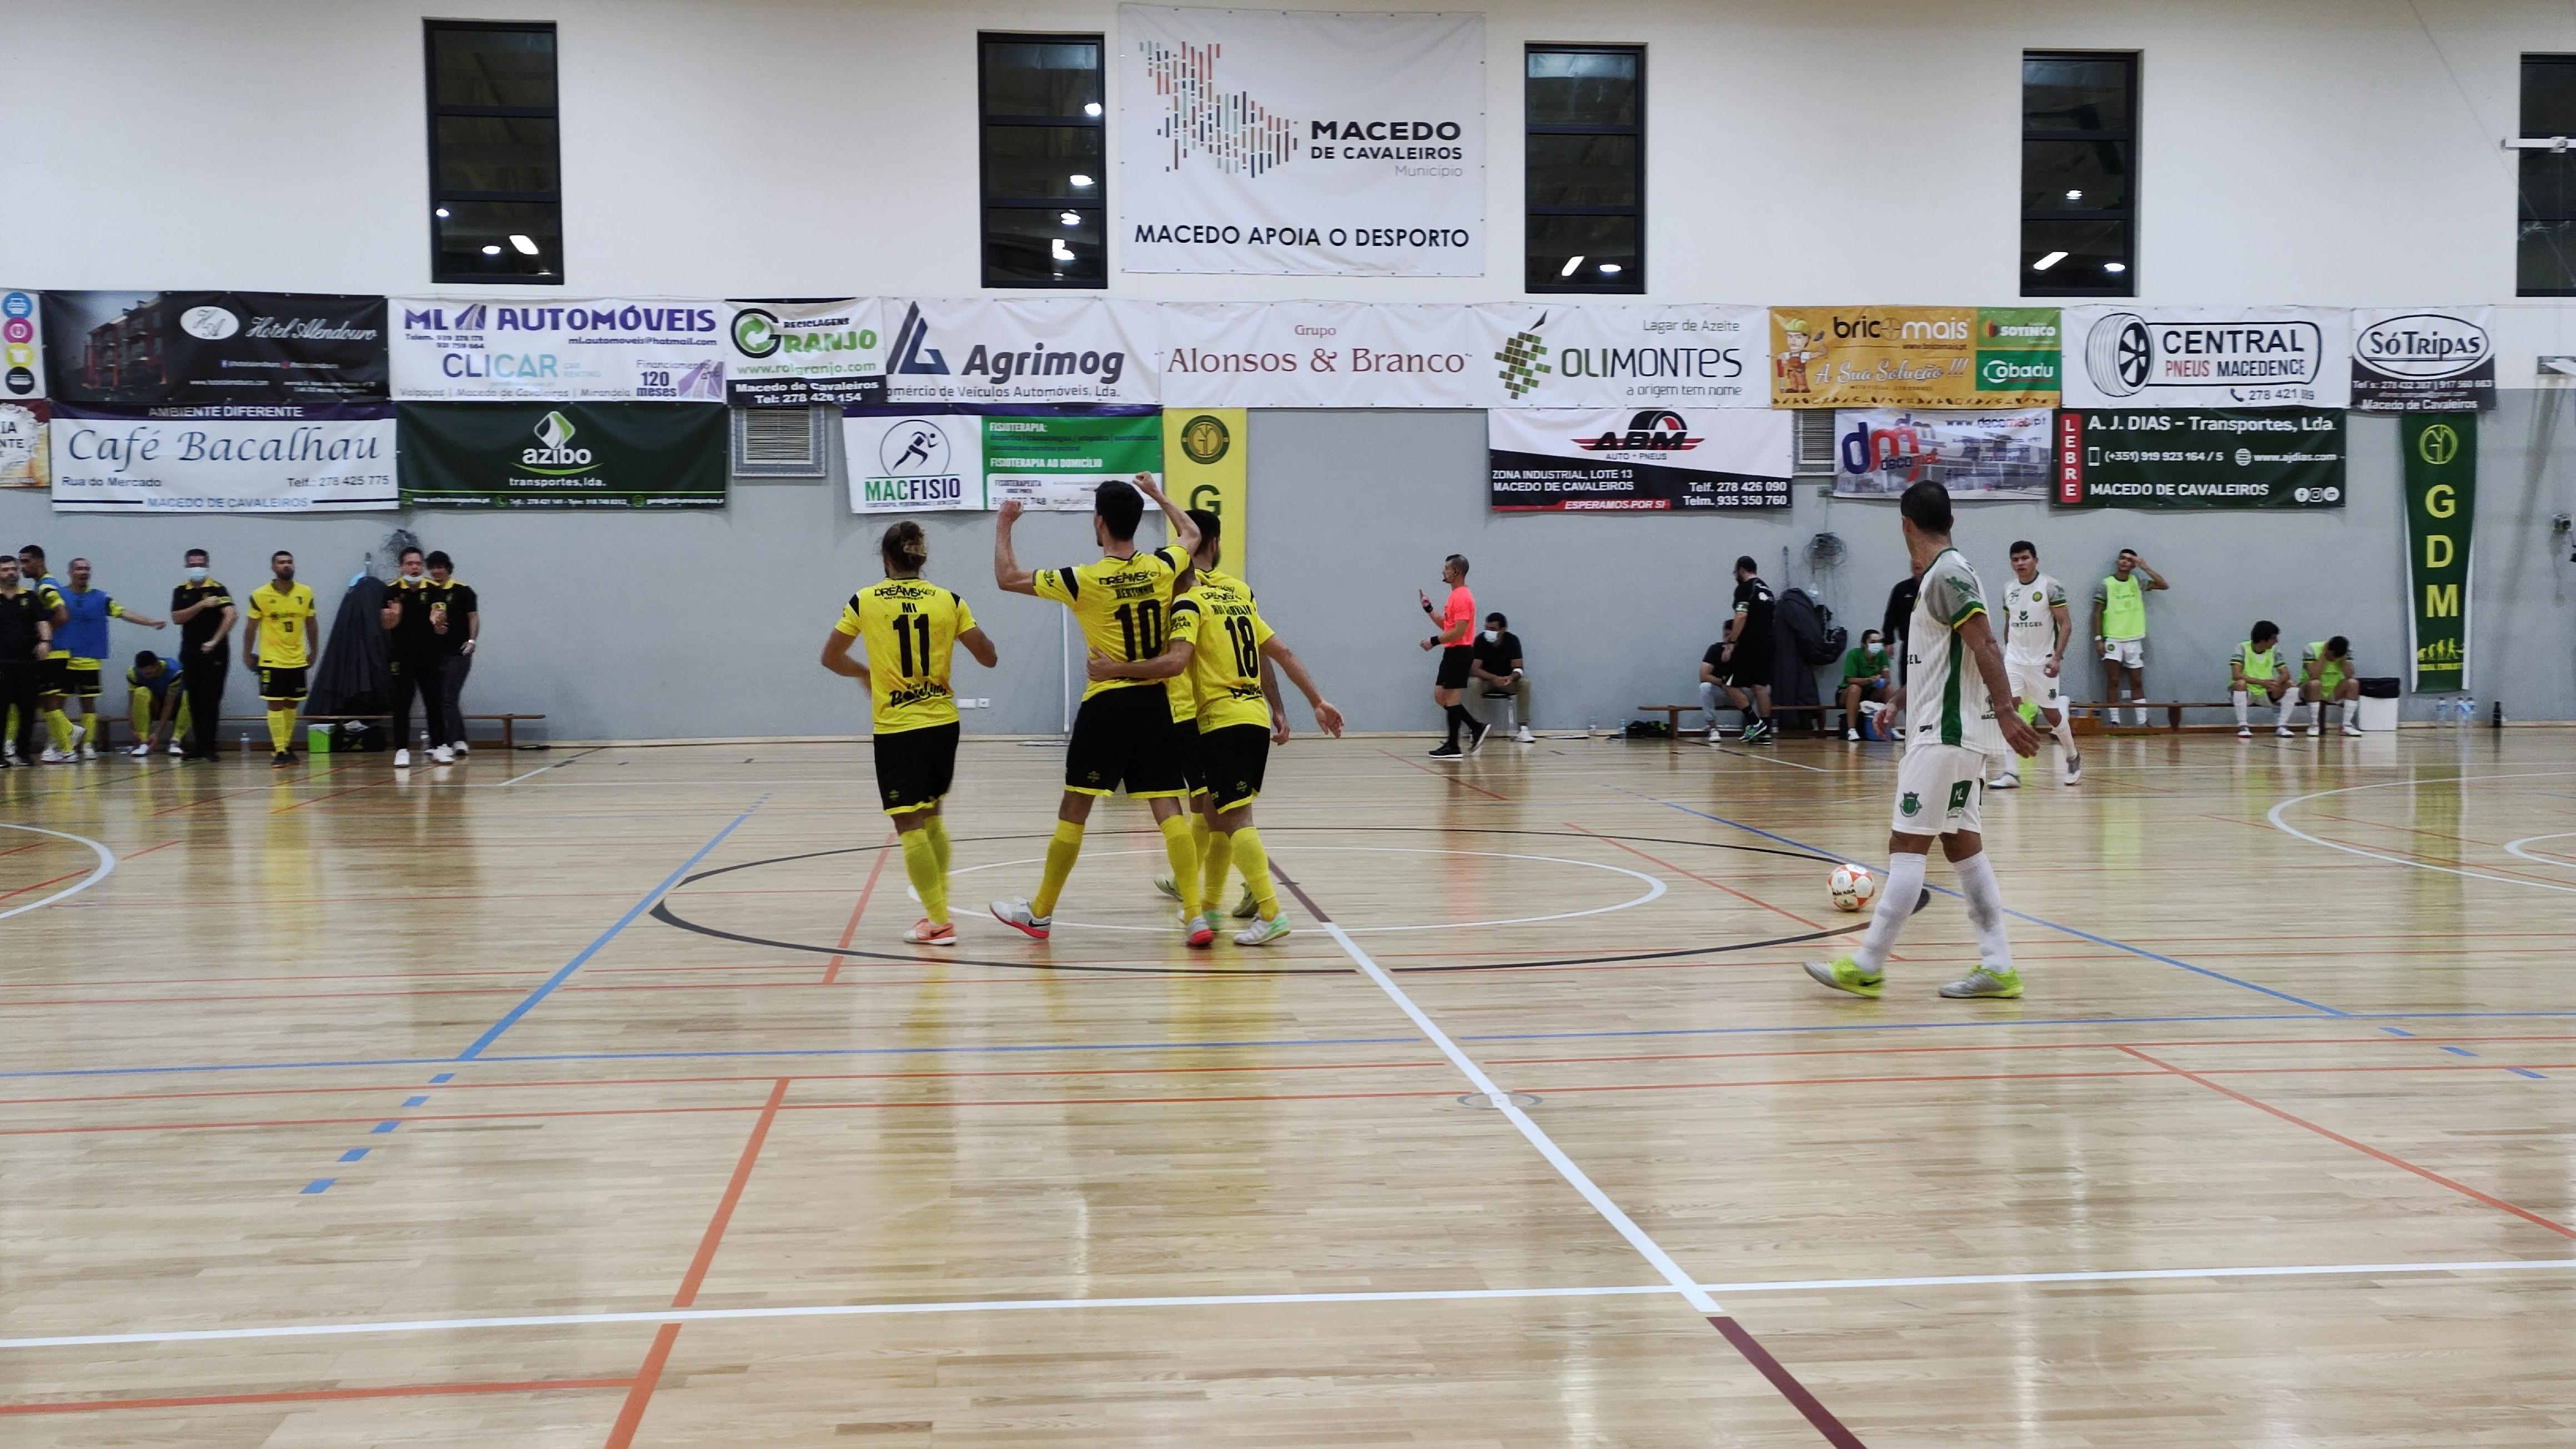 Macedense quebra ciclo de vitórias ao perder com o Fafe por 3-4